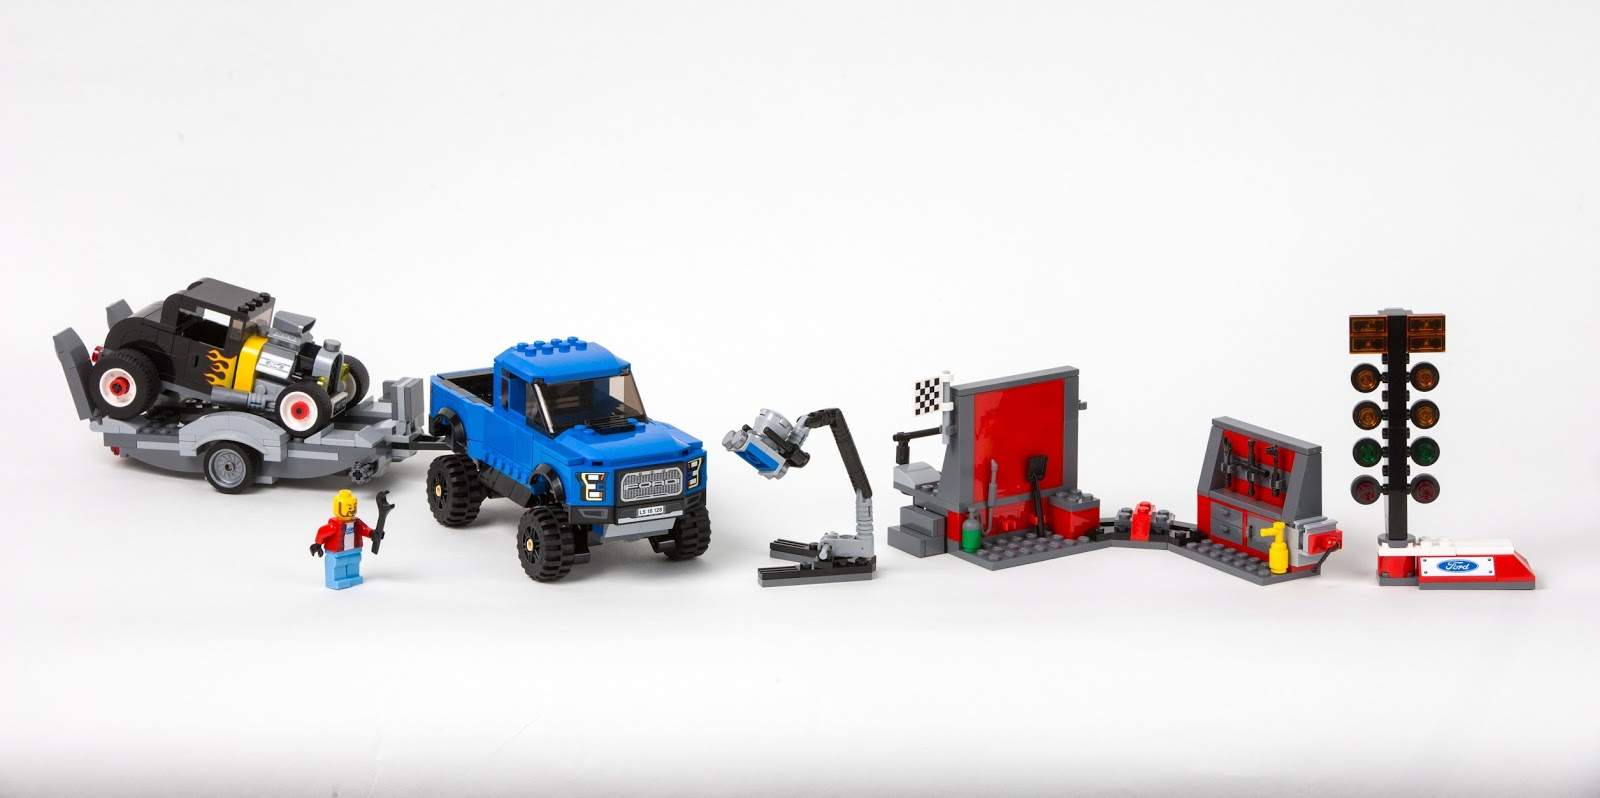 LEGOF150RaptorSet Νέα LEGO Ford Mustang και F-150 Raptor και τα Παιδικά Όνειρα Γίνονται Πραγματικότητα